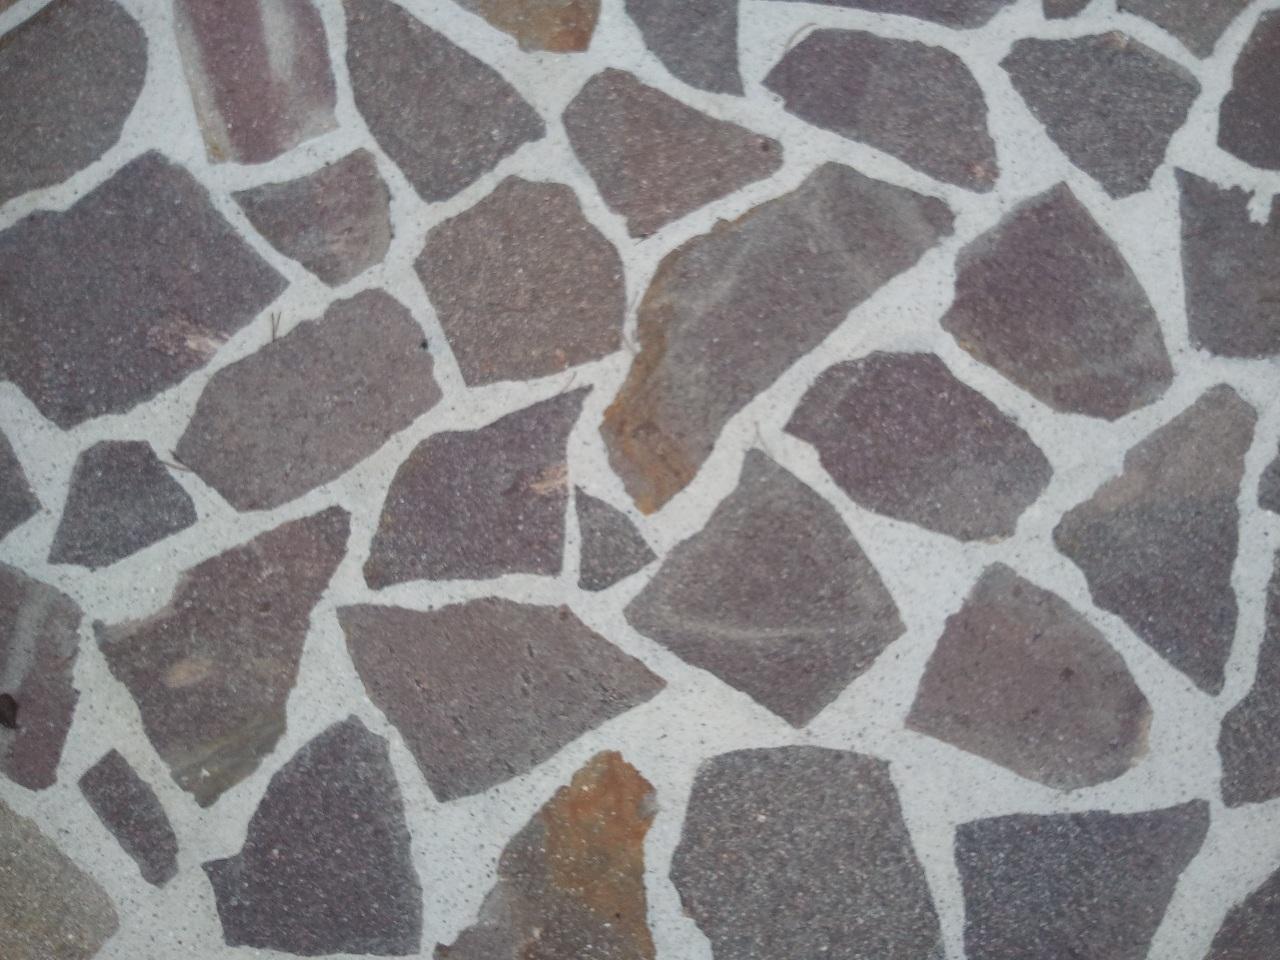 Pavimento da esterno prezzi quarzite gialla da esterno for Porfido prezzi bricoman